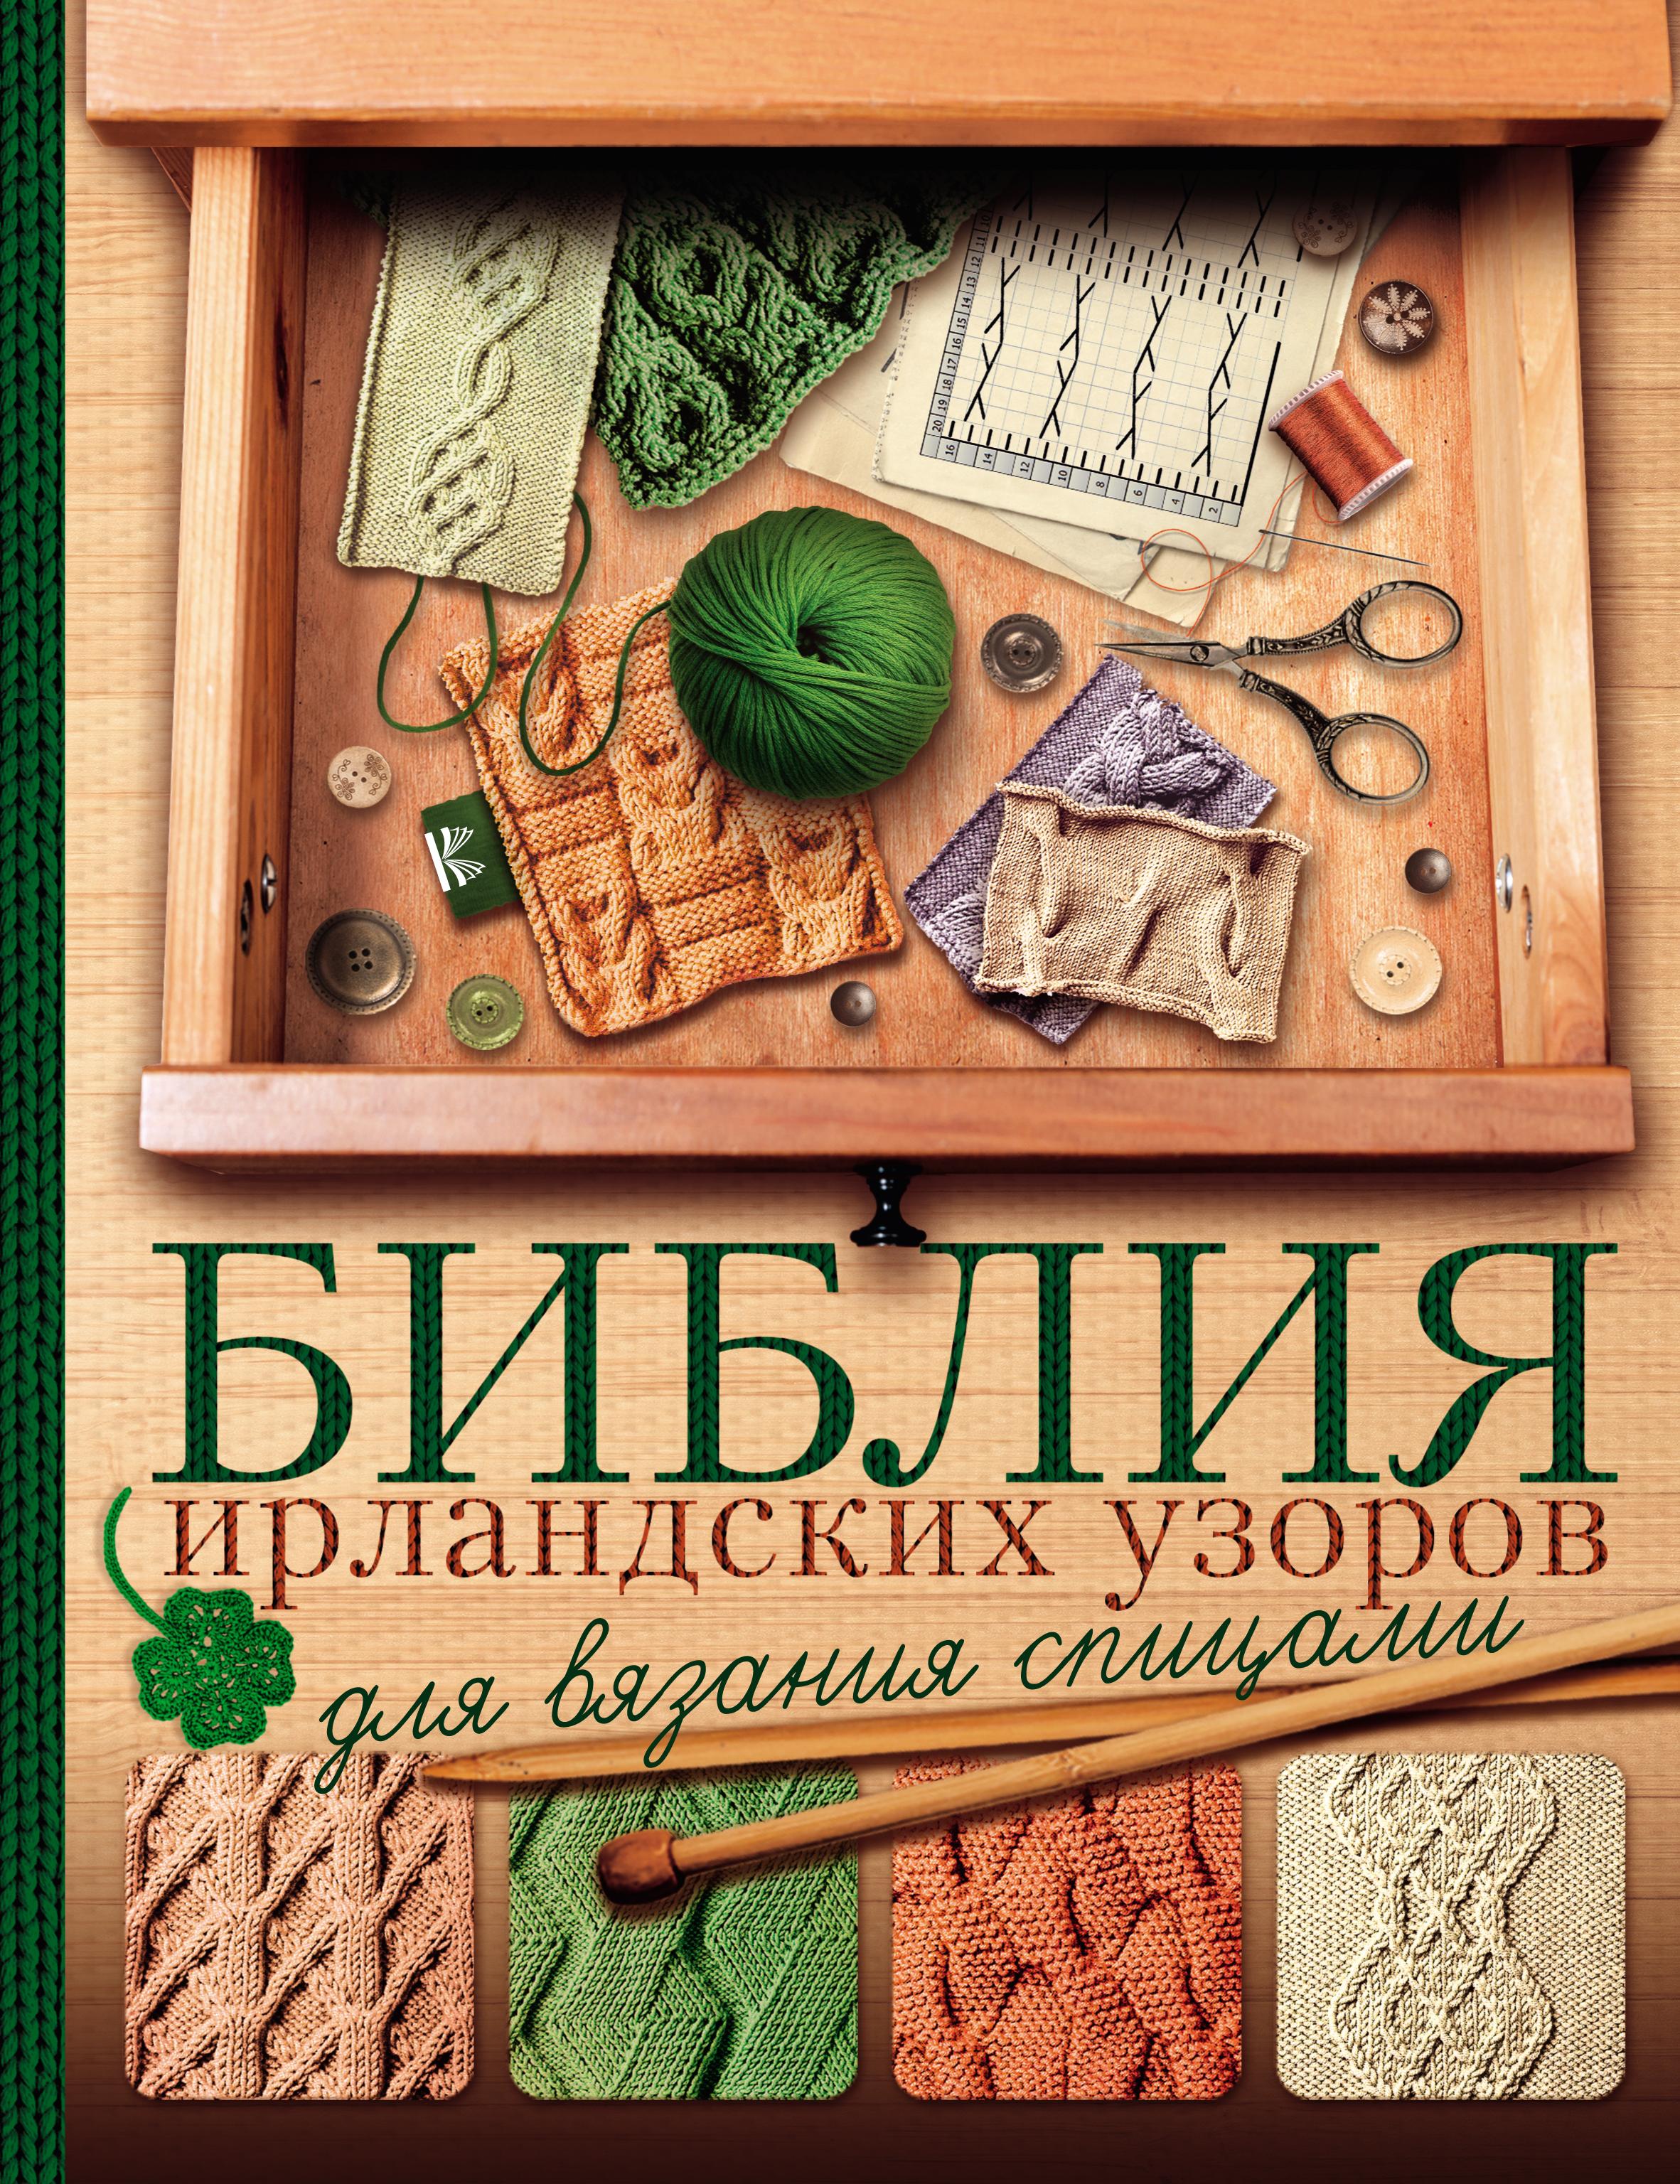 Т. В. Михайлова Библия ирландских узоров для вязания спицами елена гукова библия японских узоров 120 мотивов для вязания спицами